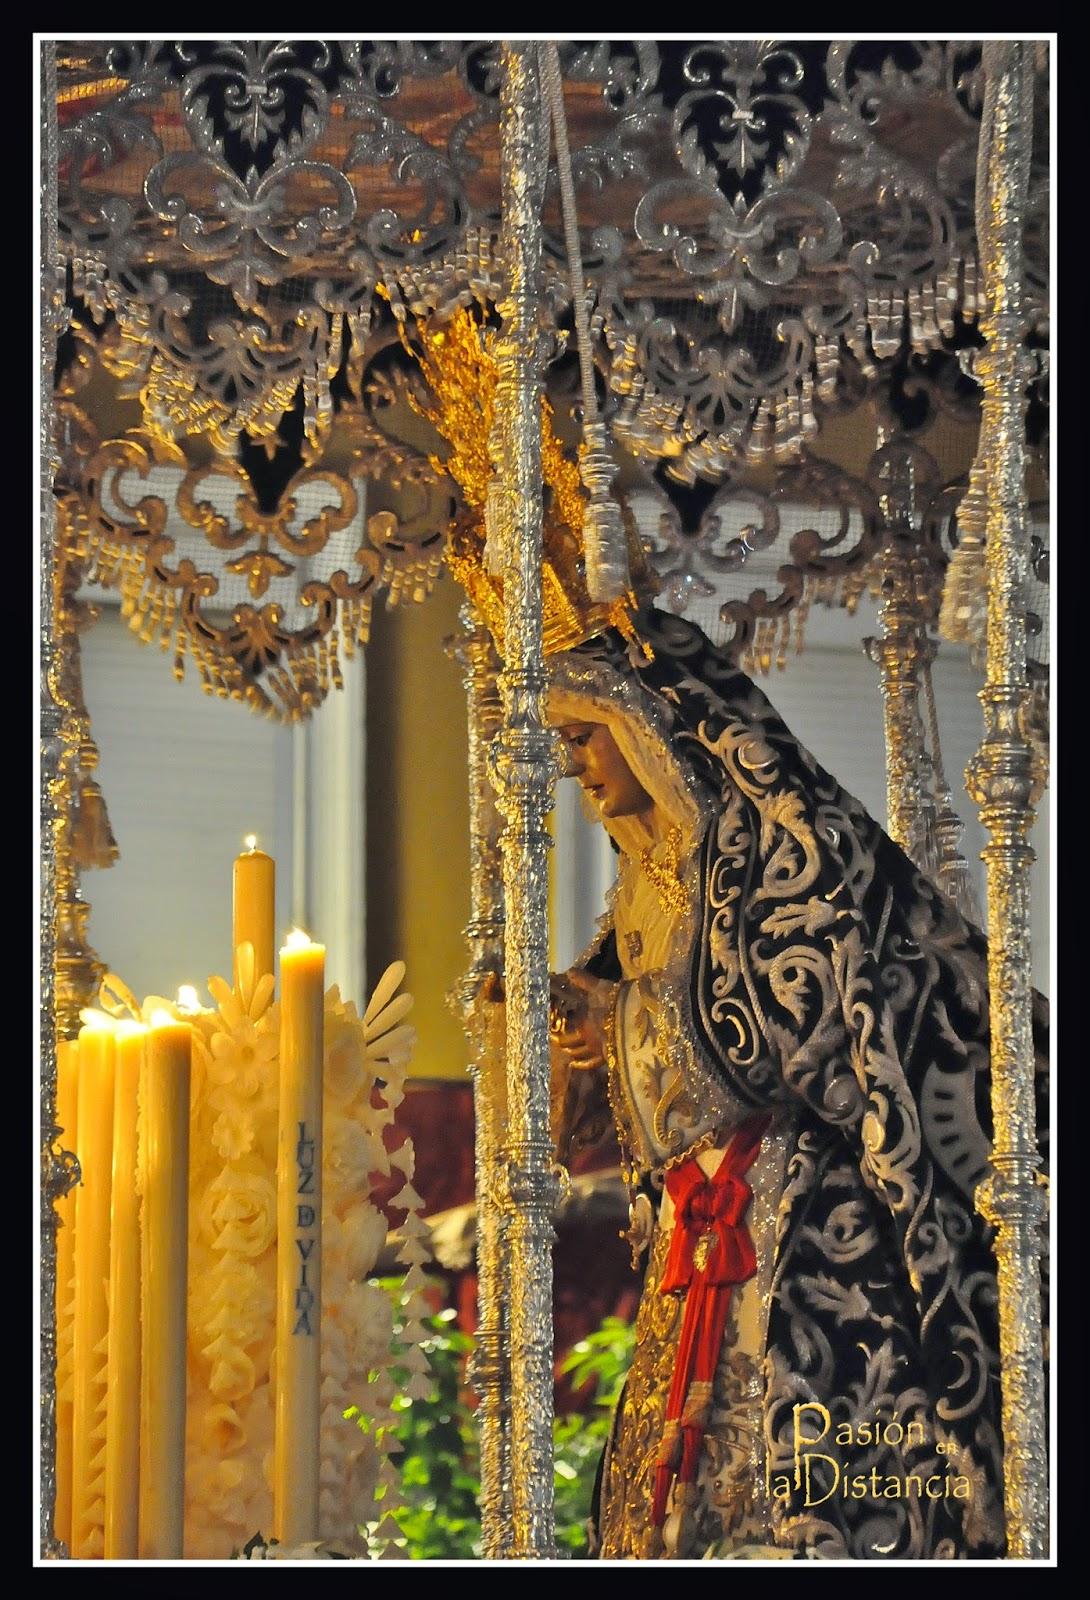 Semana-Santa-Sevilla-Palio-Virgen-de-la-Candelaria